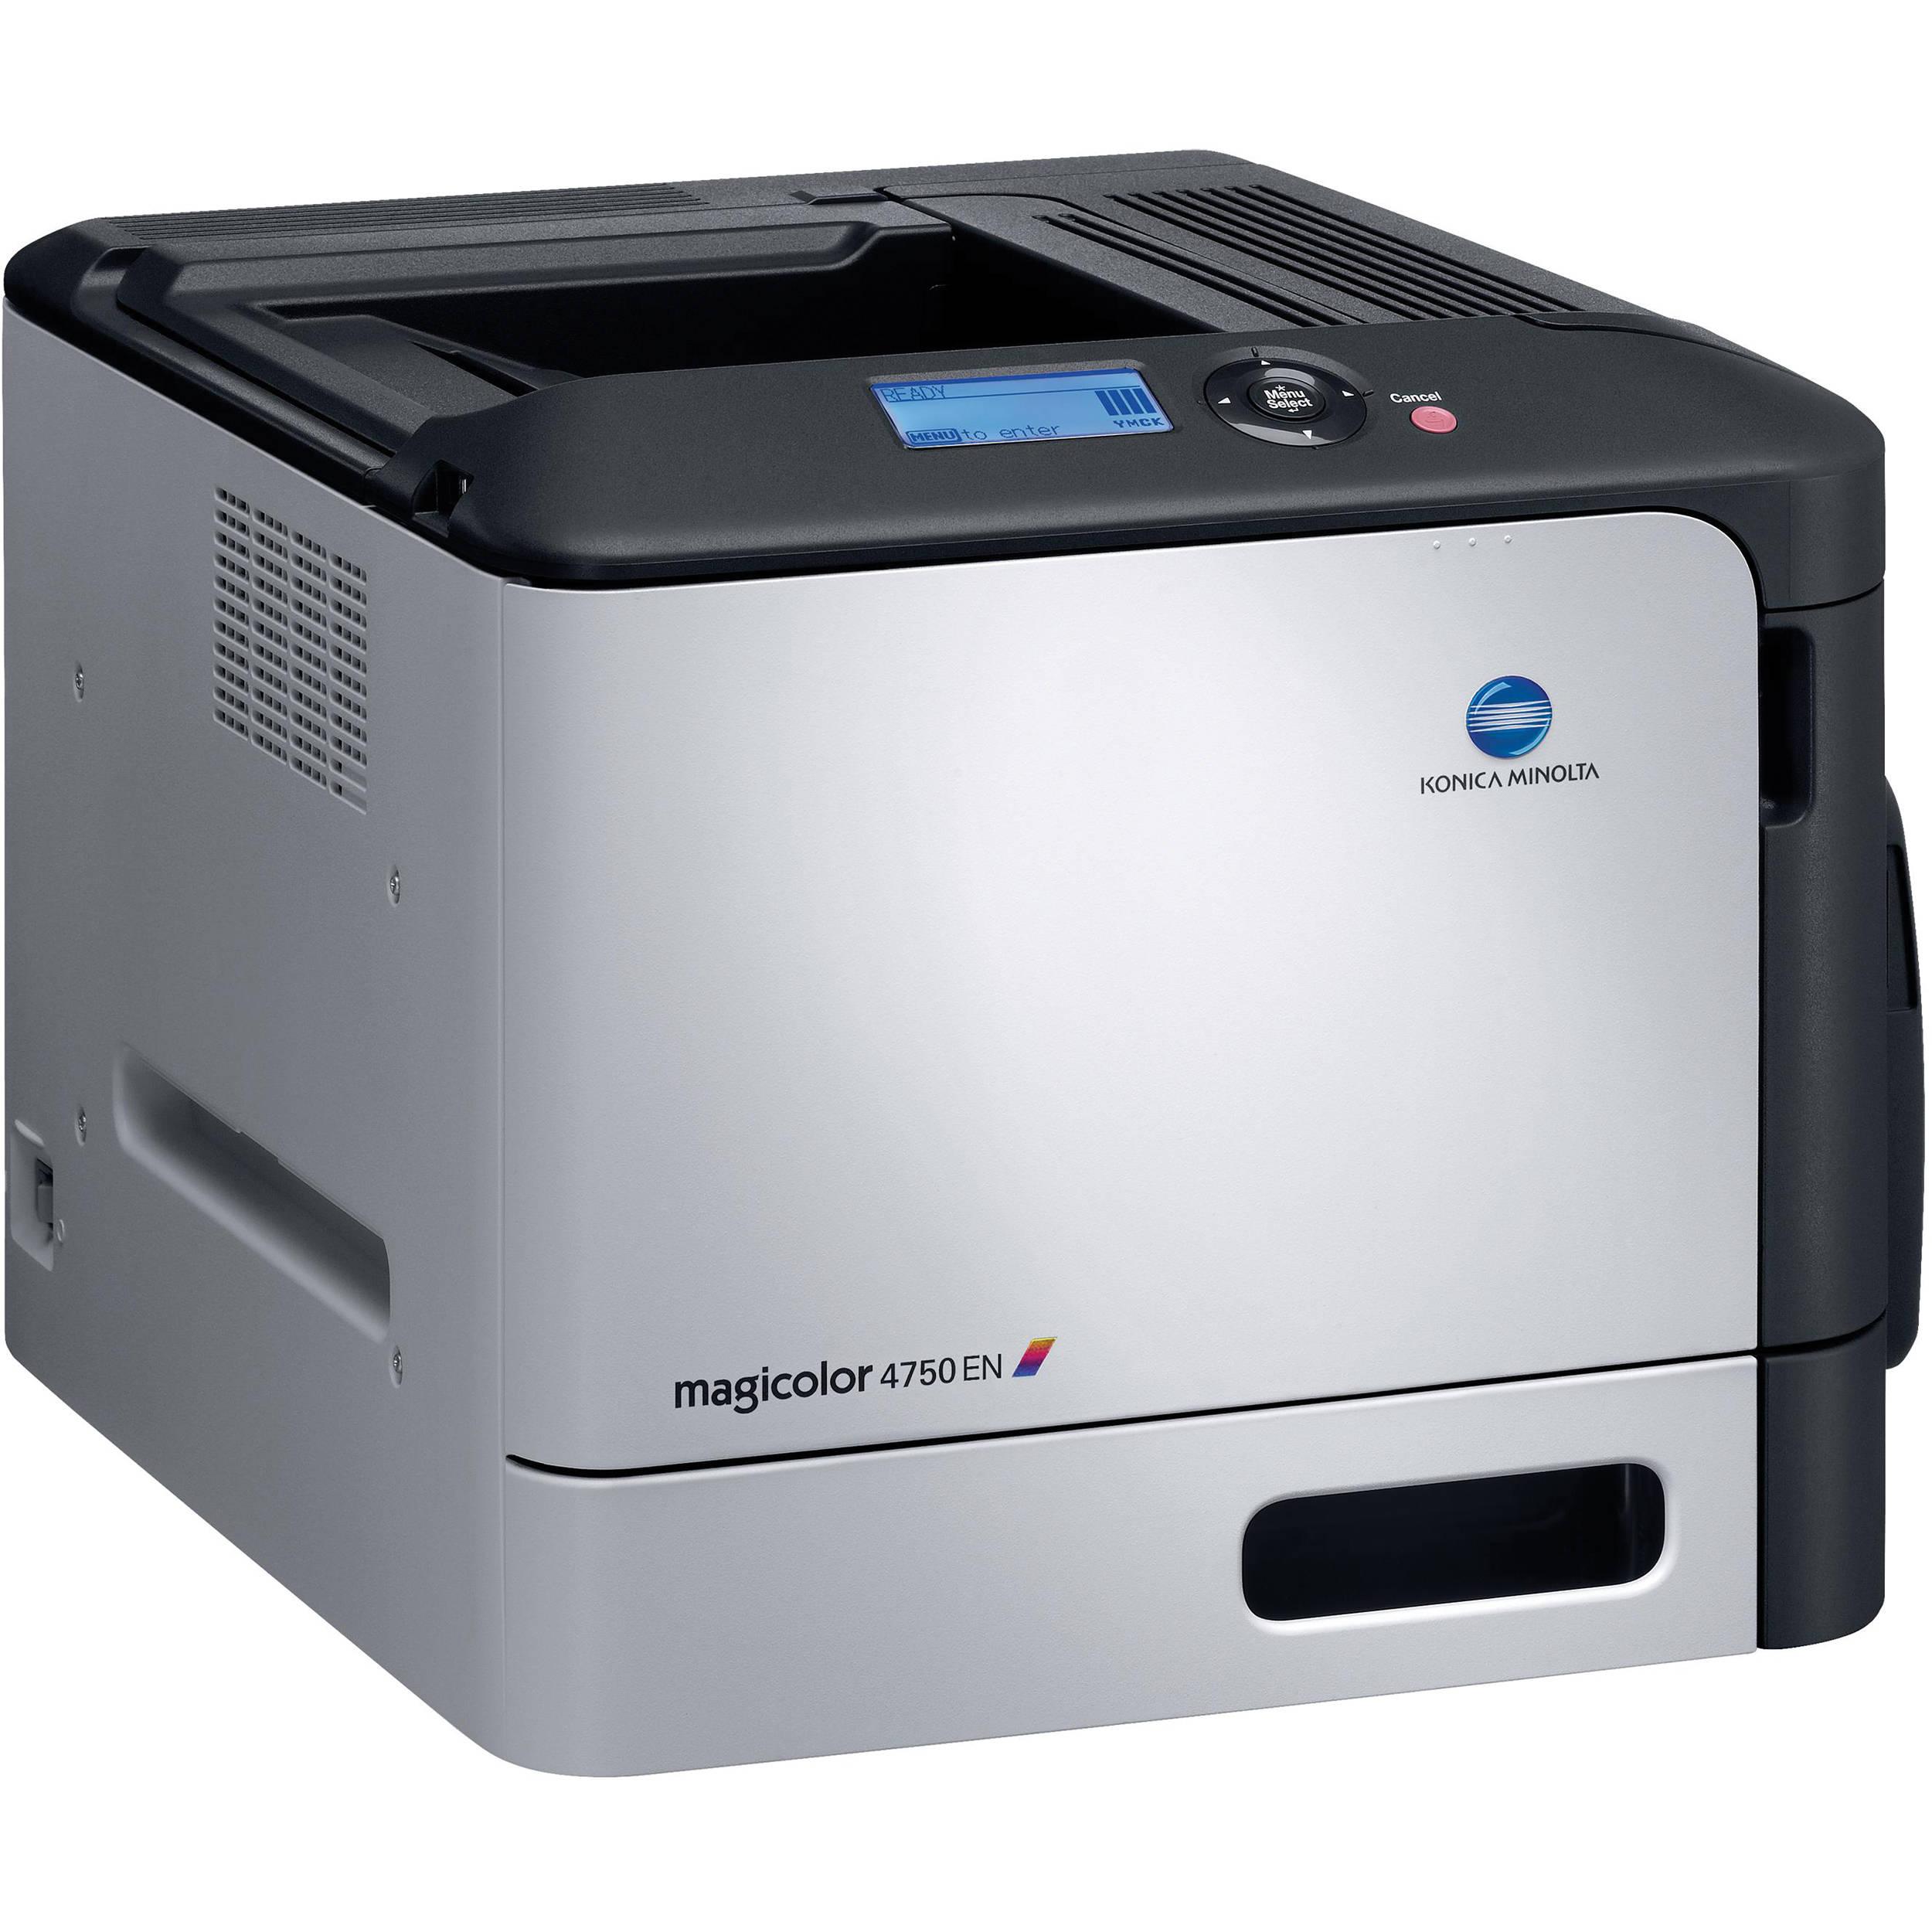 Konica Minolta magicolor 4750EN Printer XPS Drivers Download Free